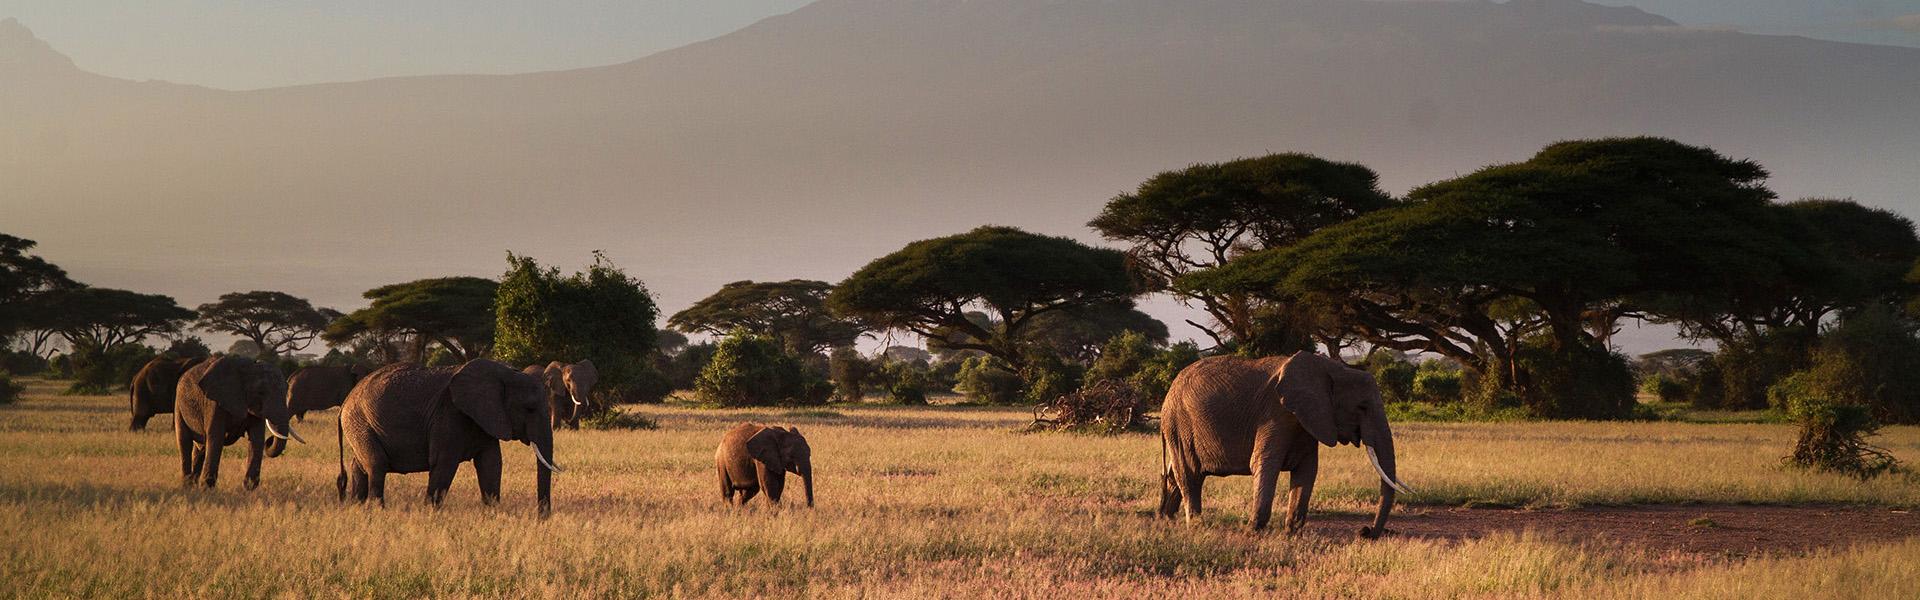 Tailor-made luxury safari in Tanzania